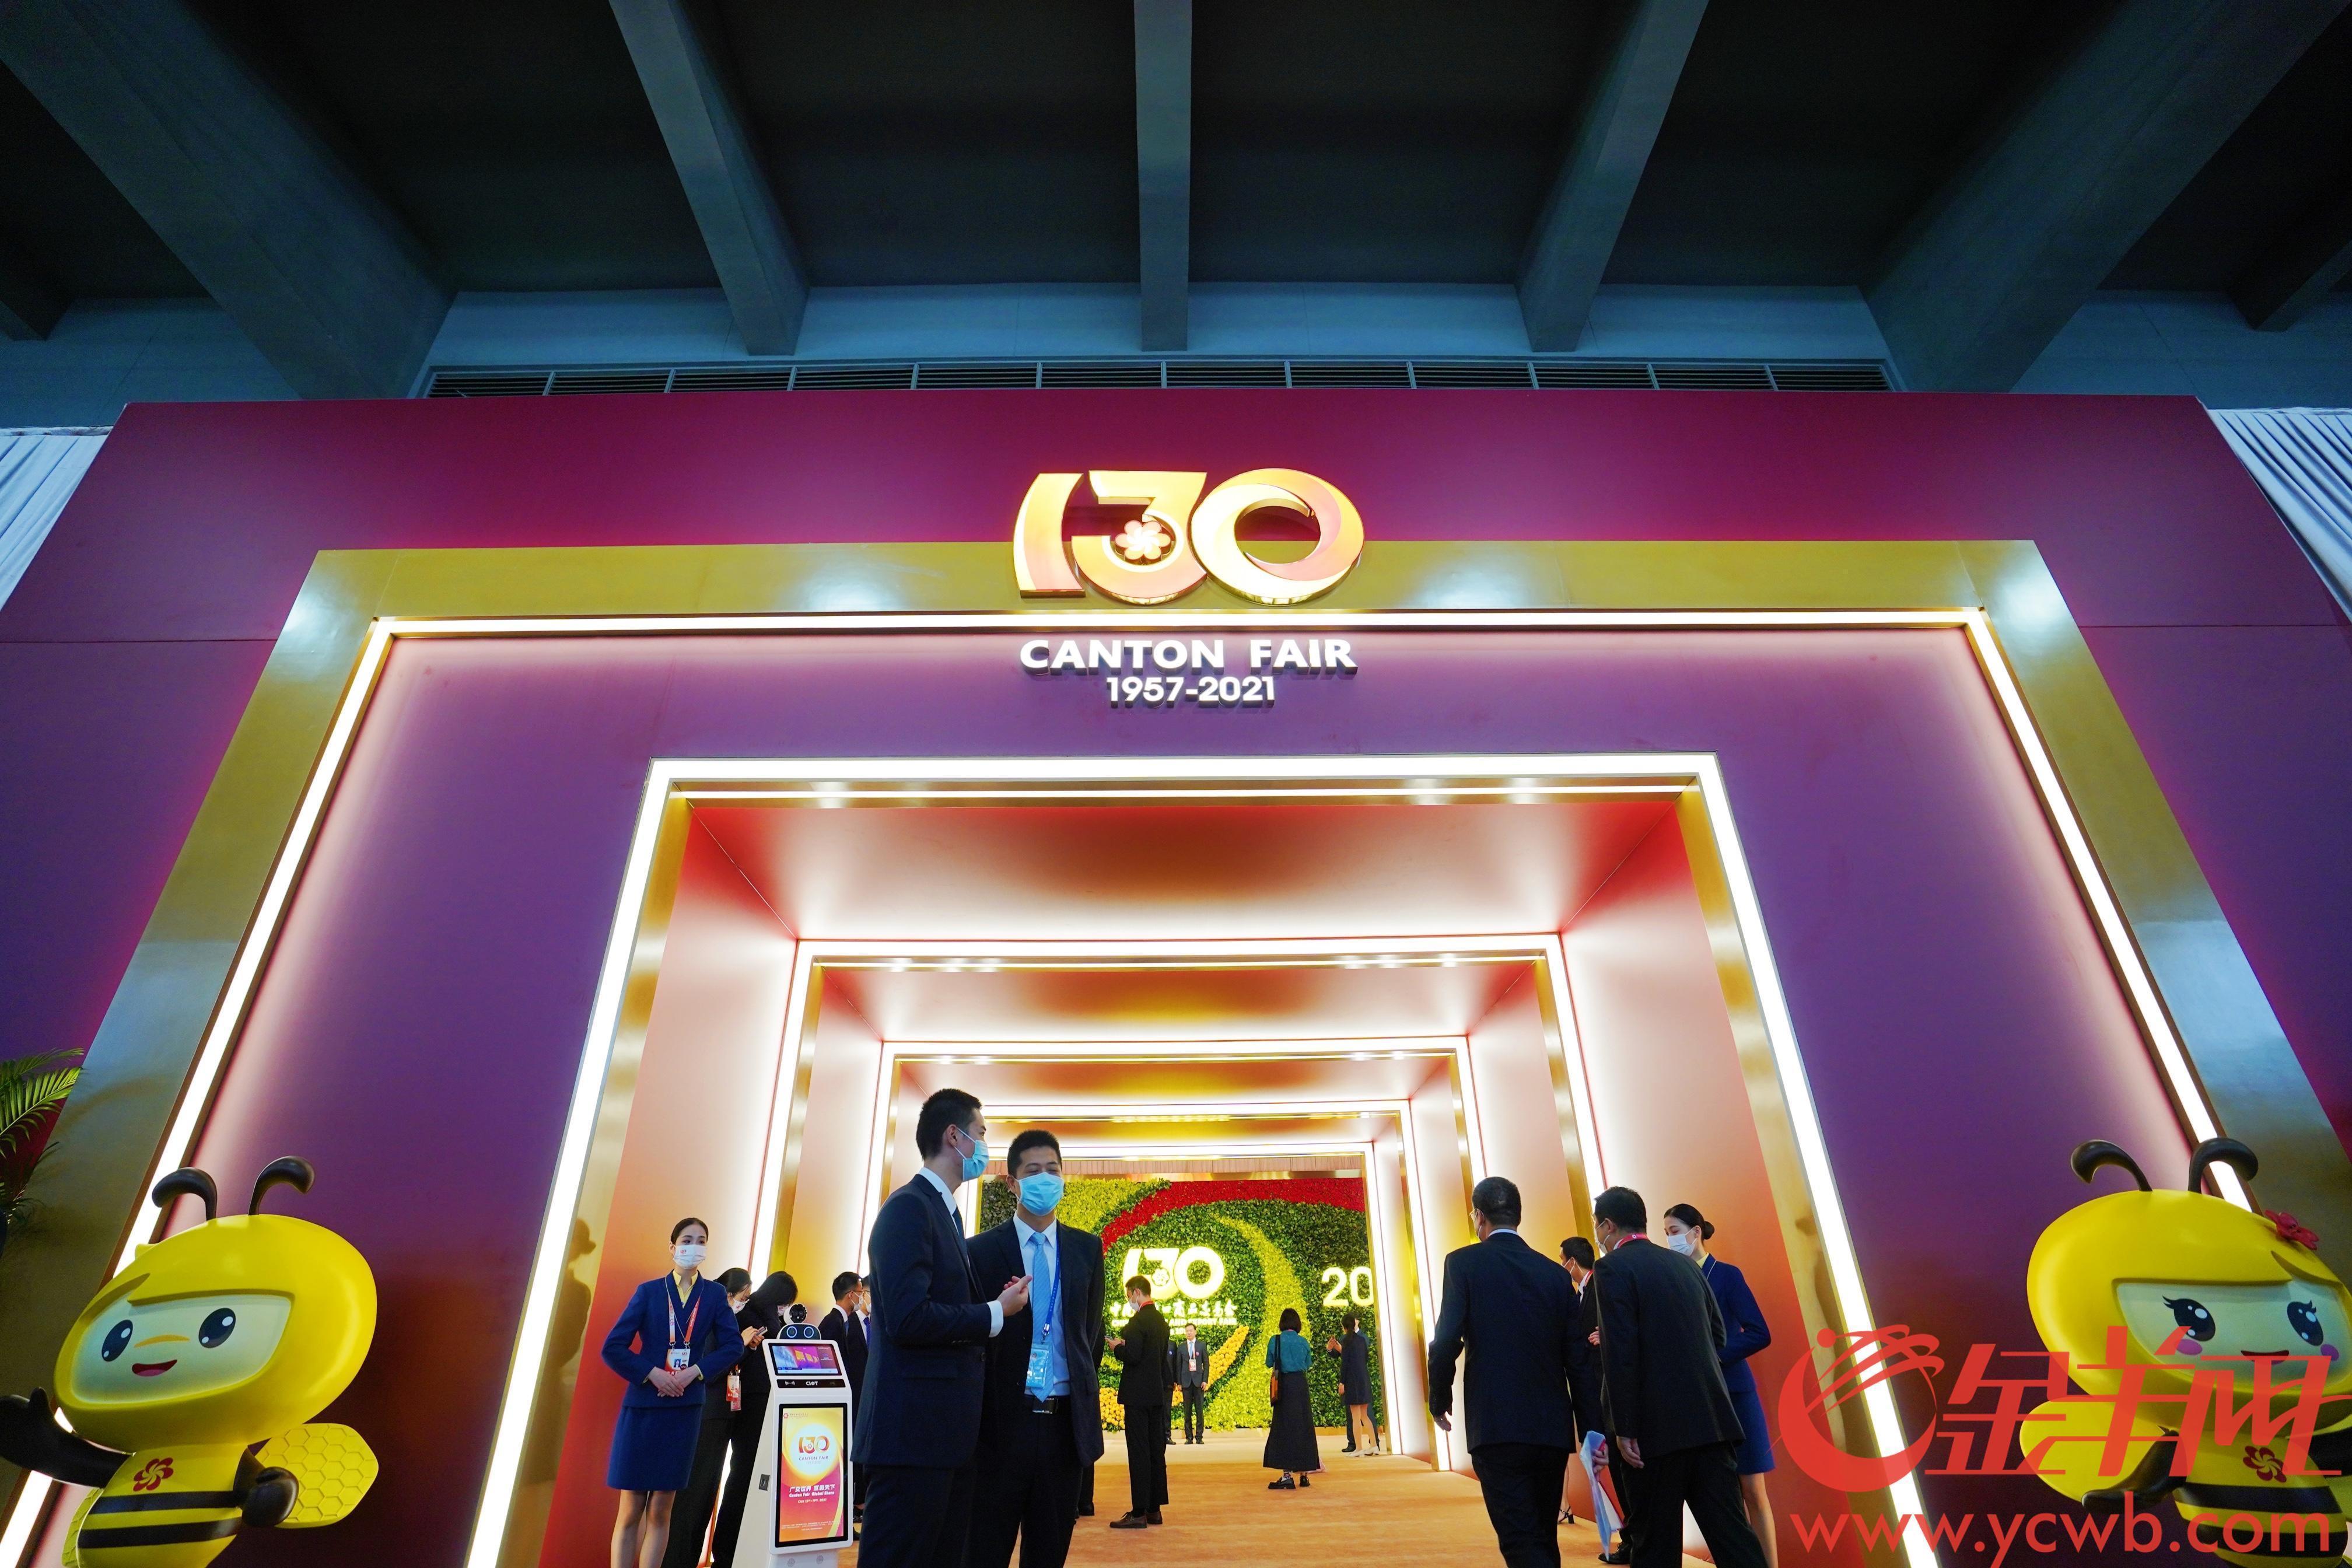 2021年10月14日,第130届中国进出口商品交易会暨珠江国际贸易论坛开幕式在琶洲会展中心举行。 图为开幕前,嘉宾陆续入场。 羊城晚报全媒体记者 周巍 摄